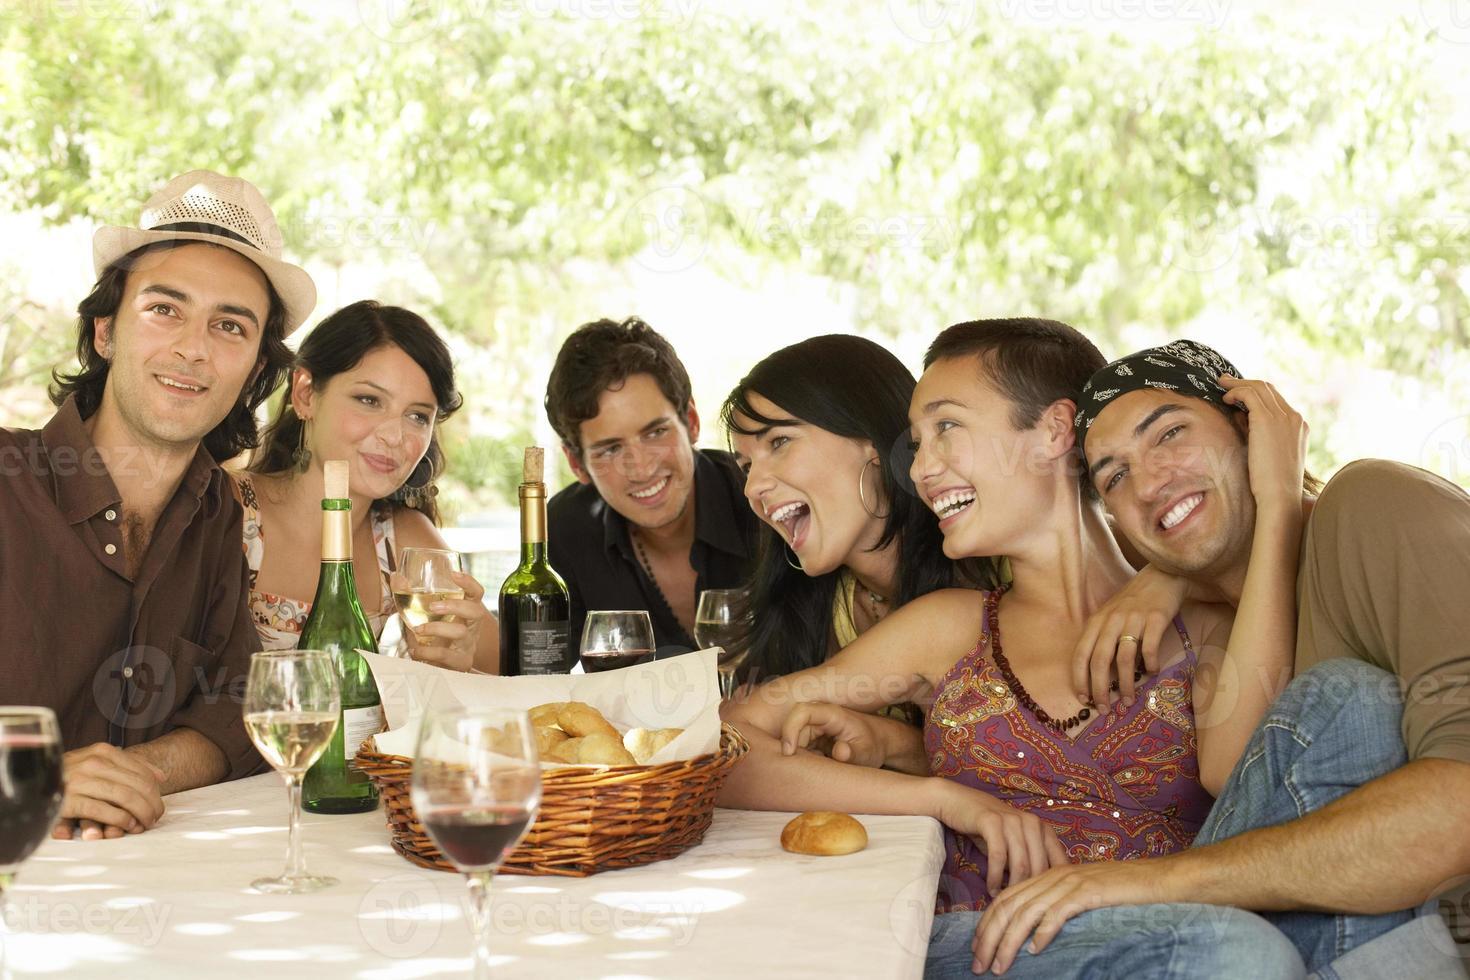 Freunde mit Getränken und Brotkorb am Tisch genießen Party foto